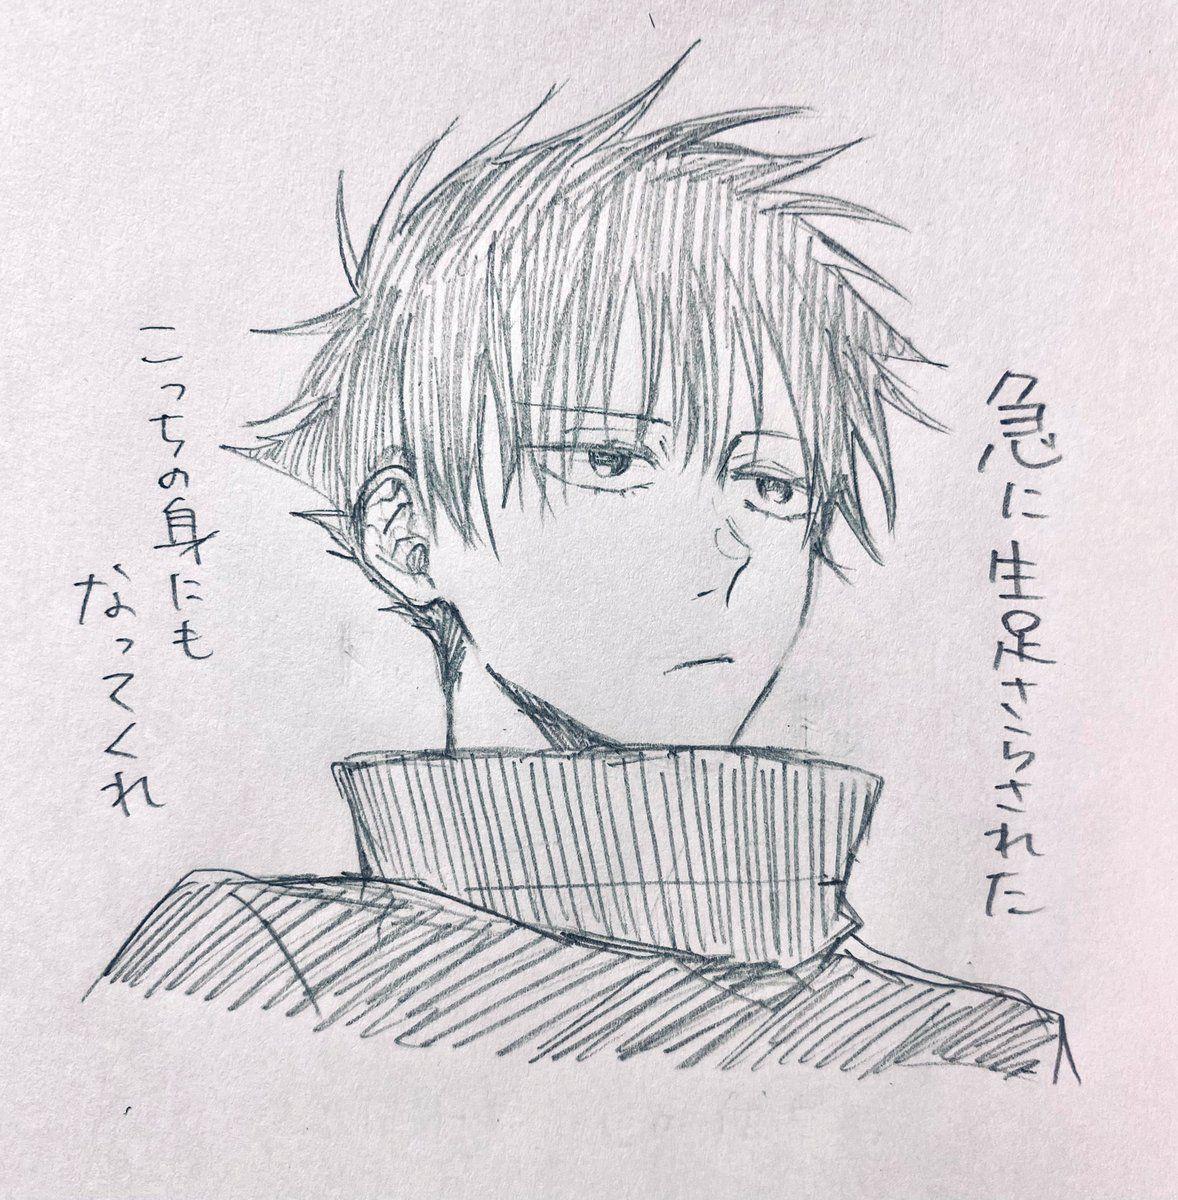 Photo of 「ただの落書き 」 いちみやまさき(原稿)の漫画